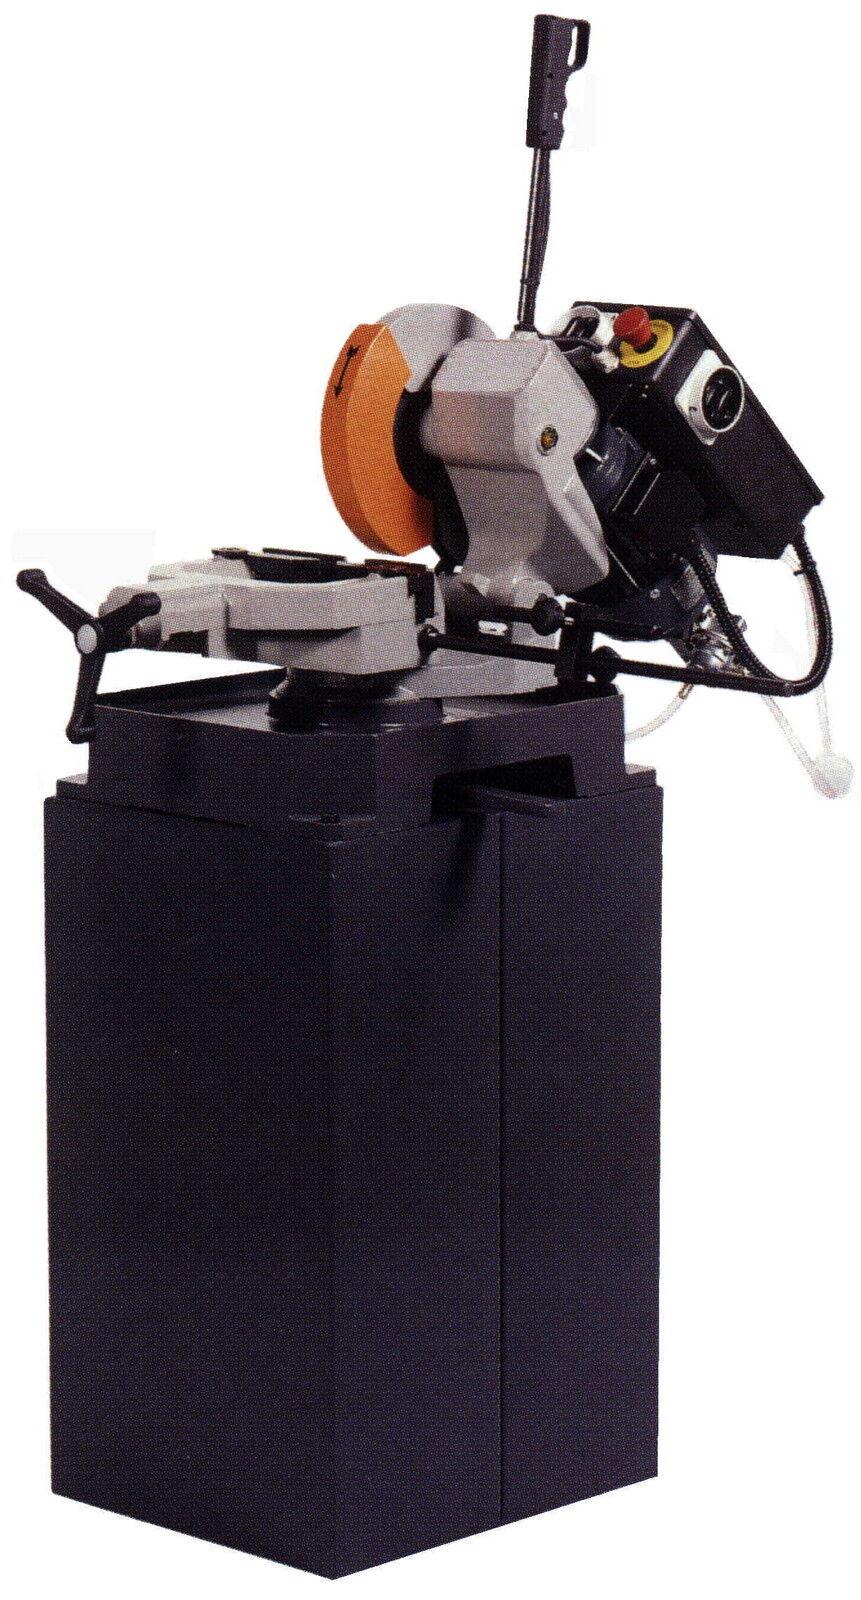 Metallkreissäge MS 250        NEU | Deutschland Store  | Billig  | Hochwertig  | Haltbarer Service